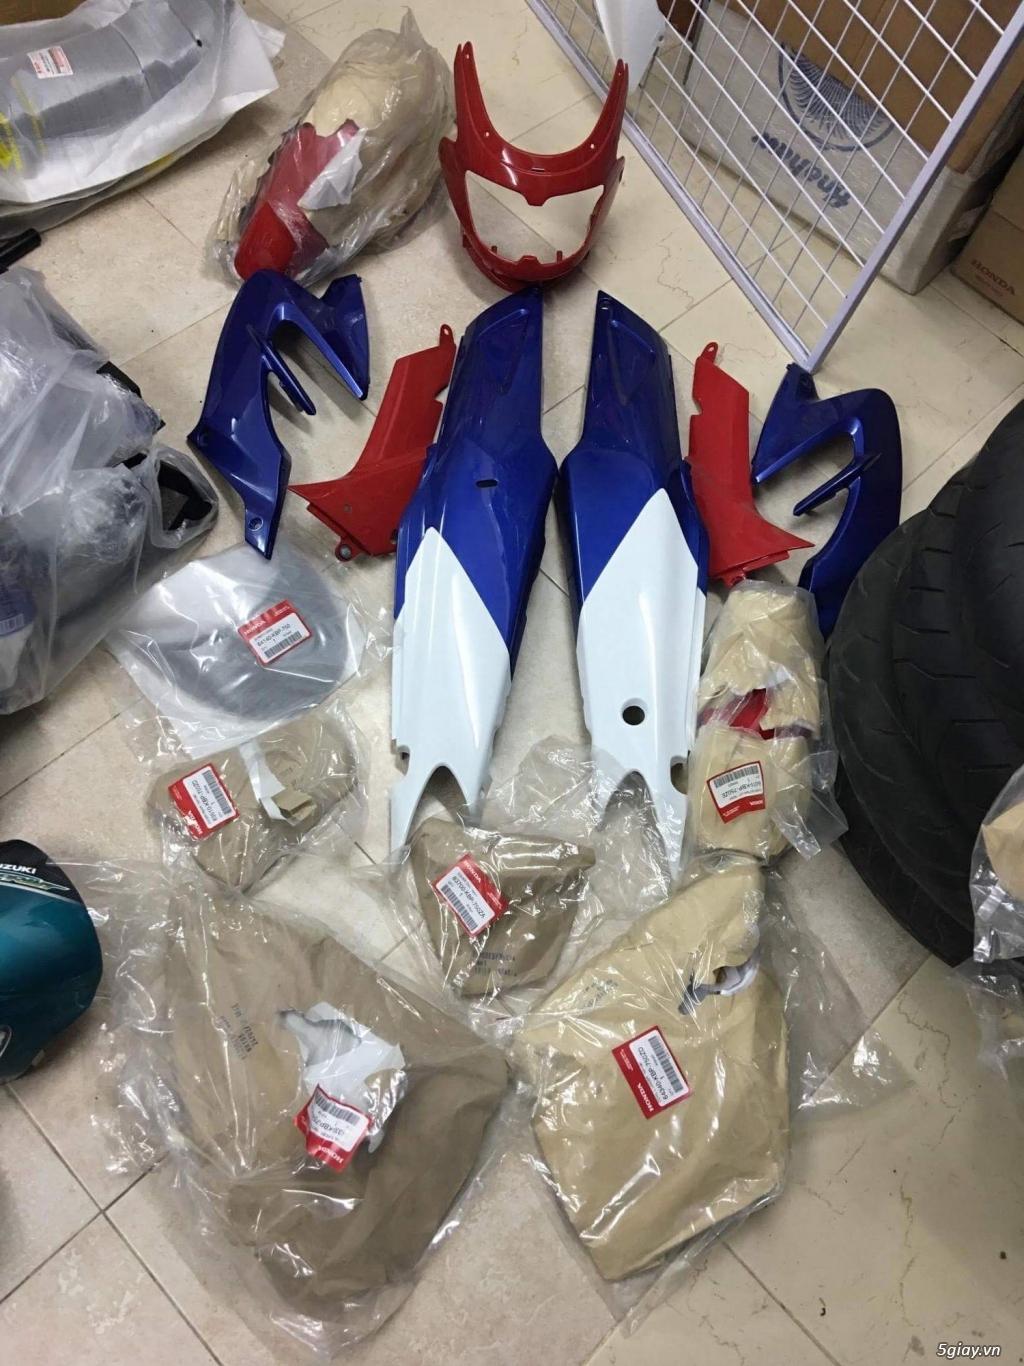 Phụ tùng chính hãng honda và suzuki 2troke thailand - 4